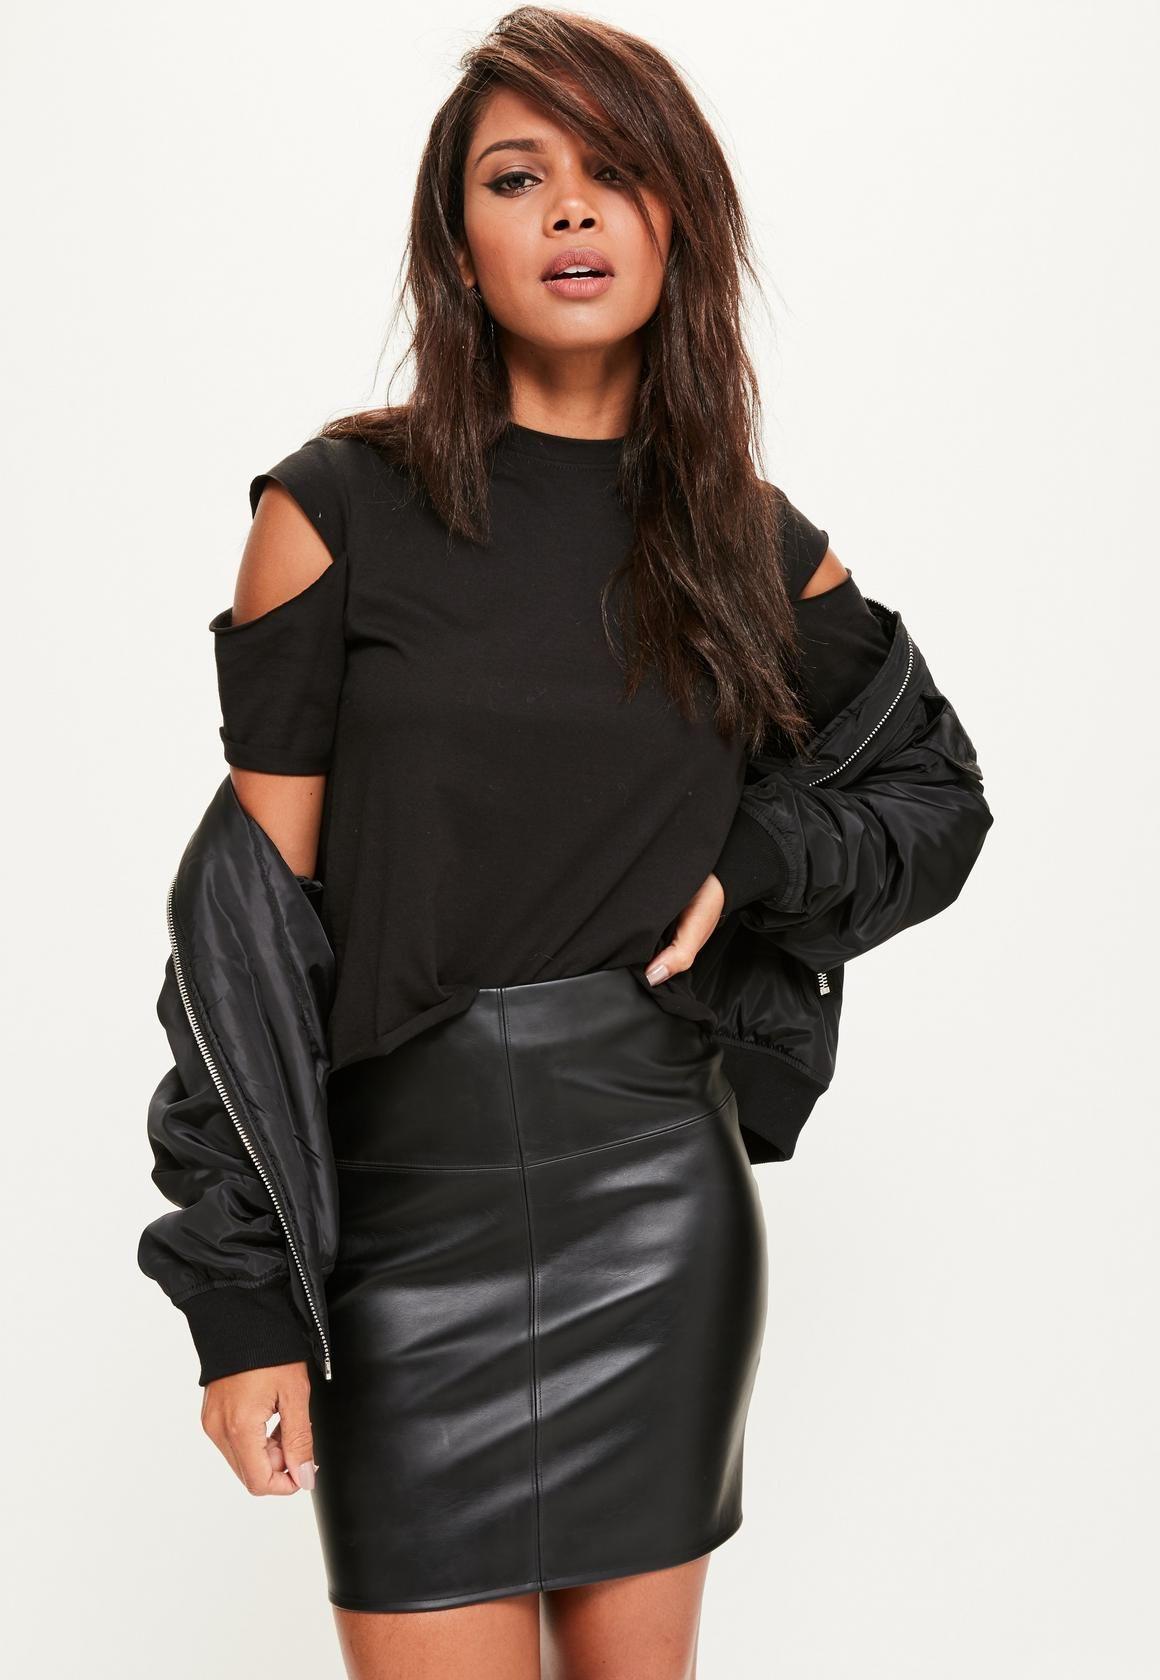 44d66d6f10e Faux Leather Mini Skirt Black - Skirts - Mini Skirts - Missguided